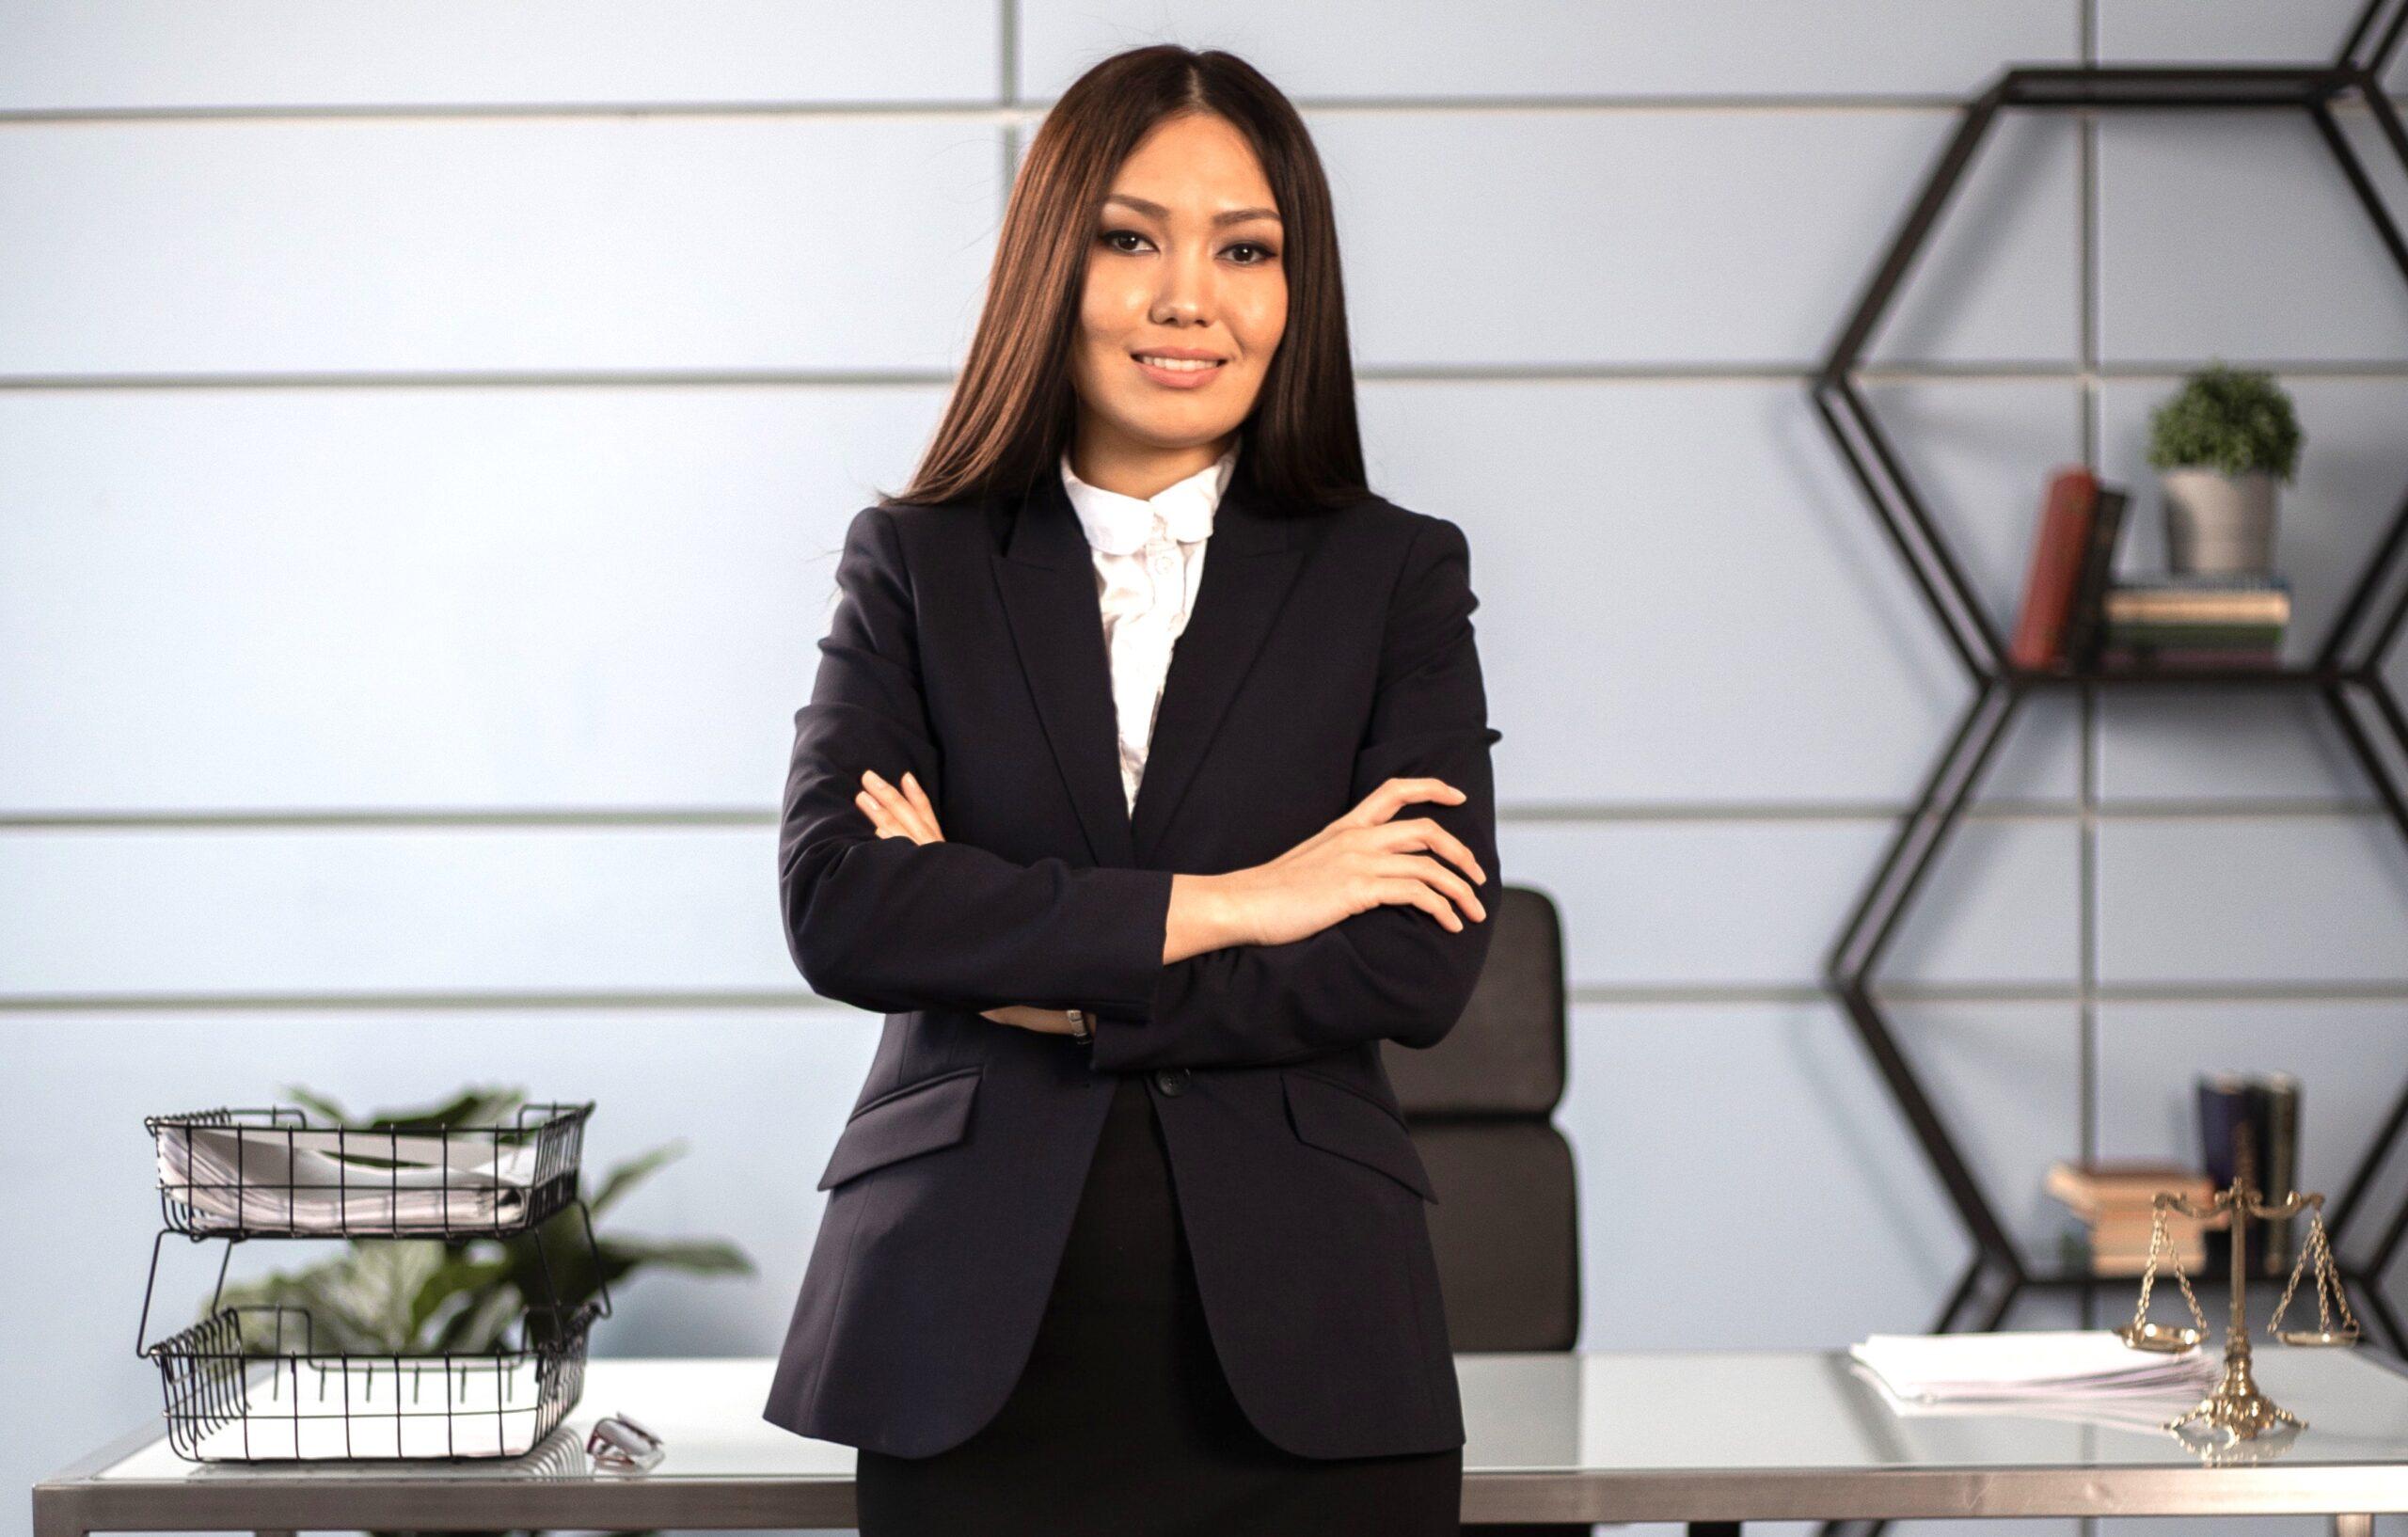 Corporate Ladder Climbing Up career-driven womenontopp.com women on topp